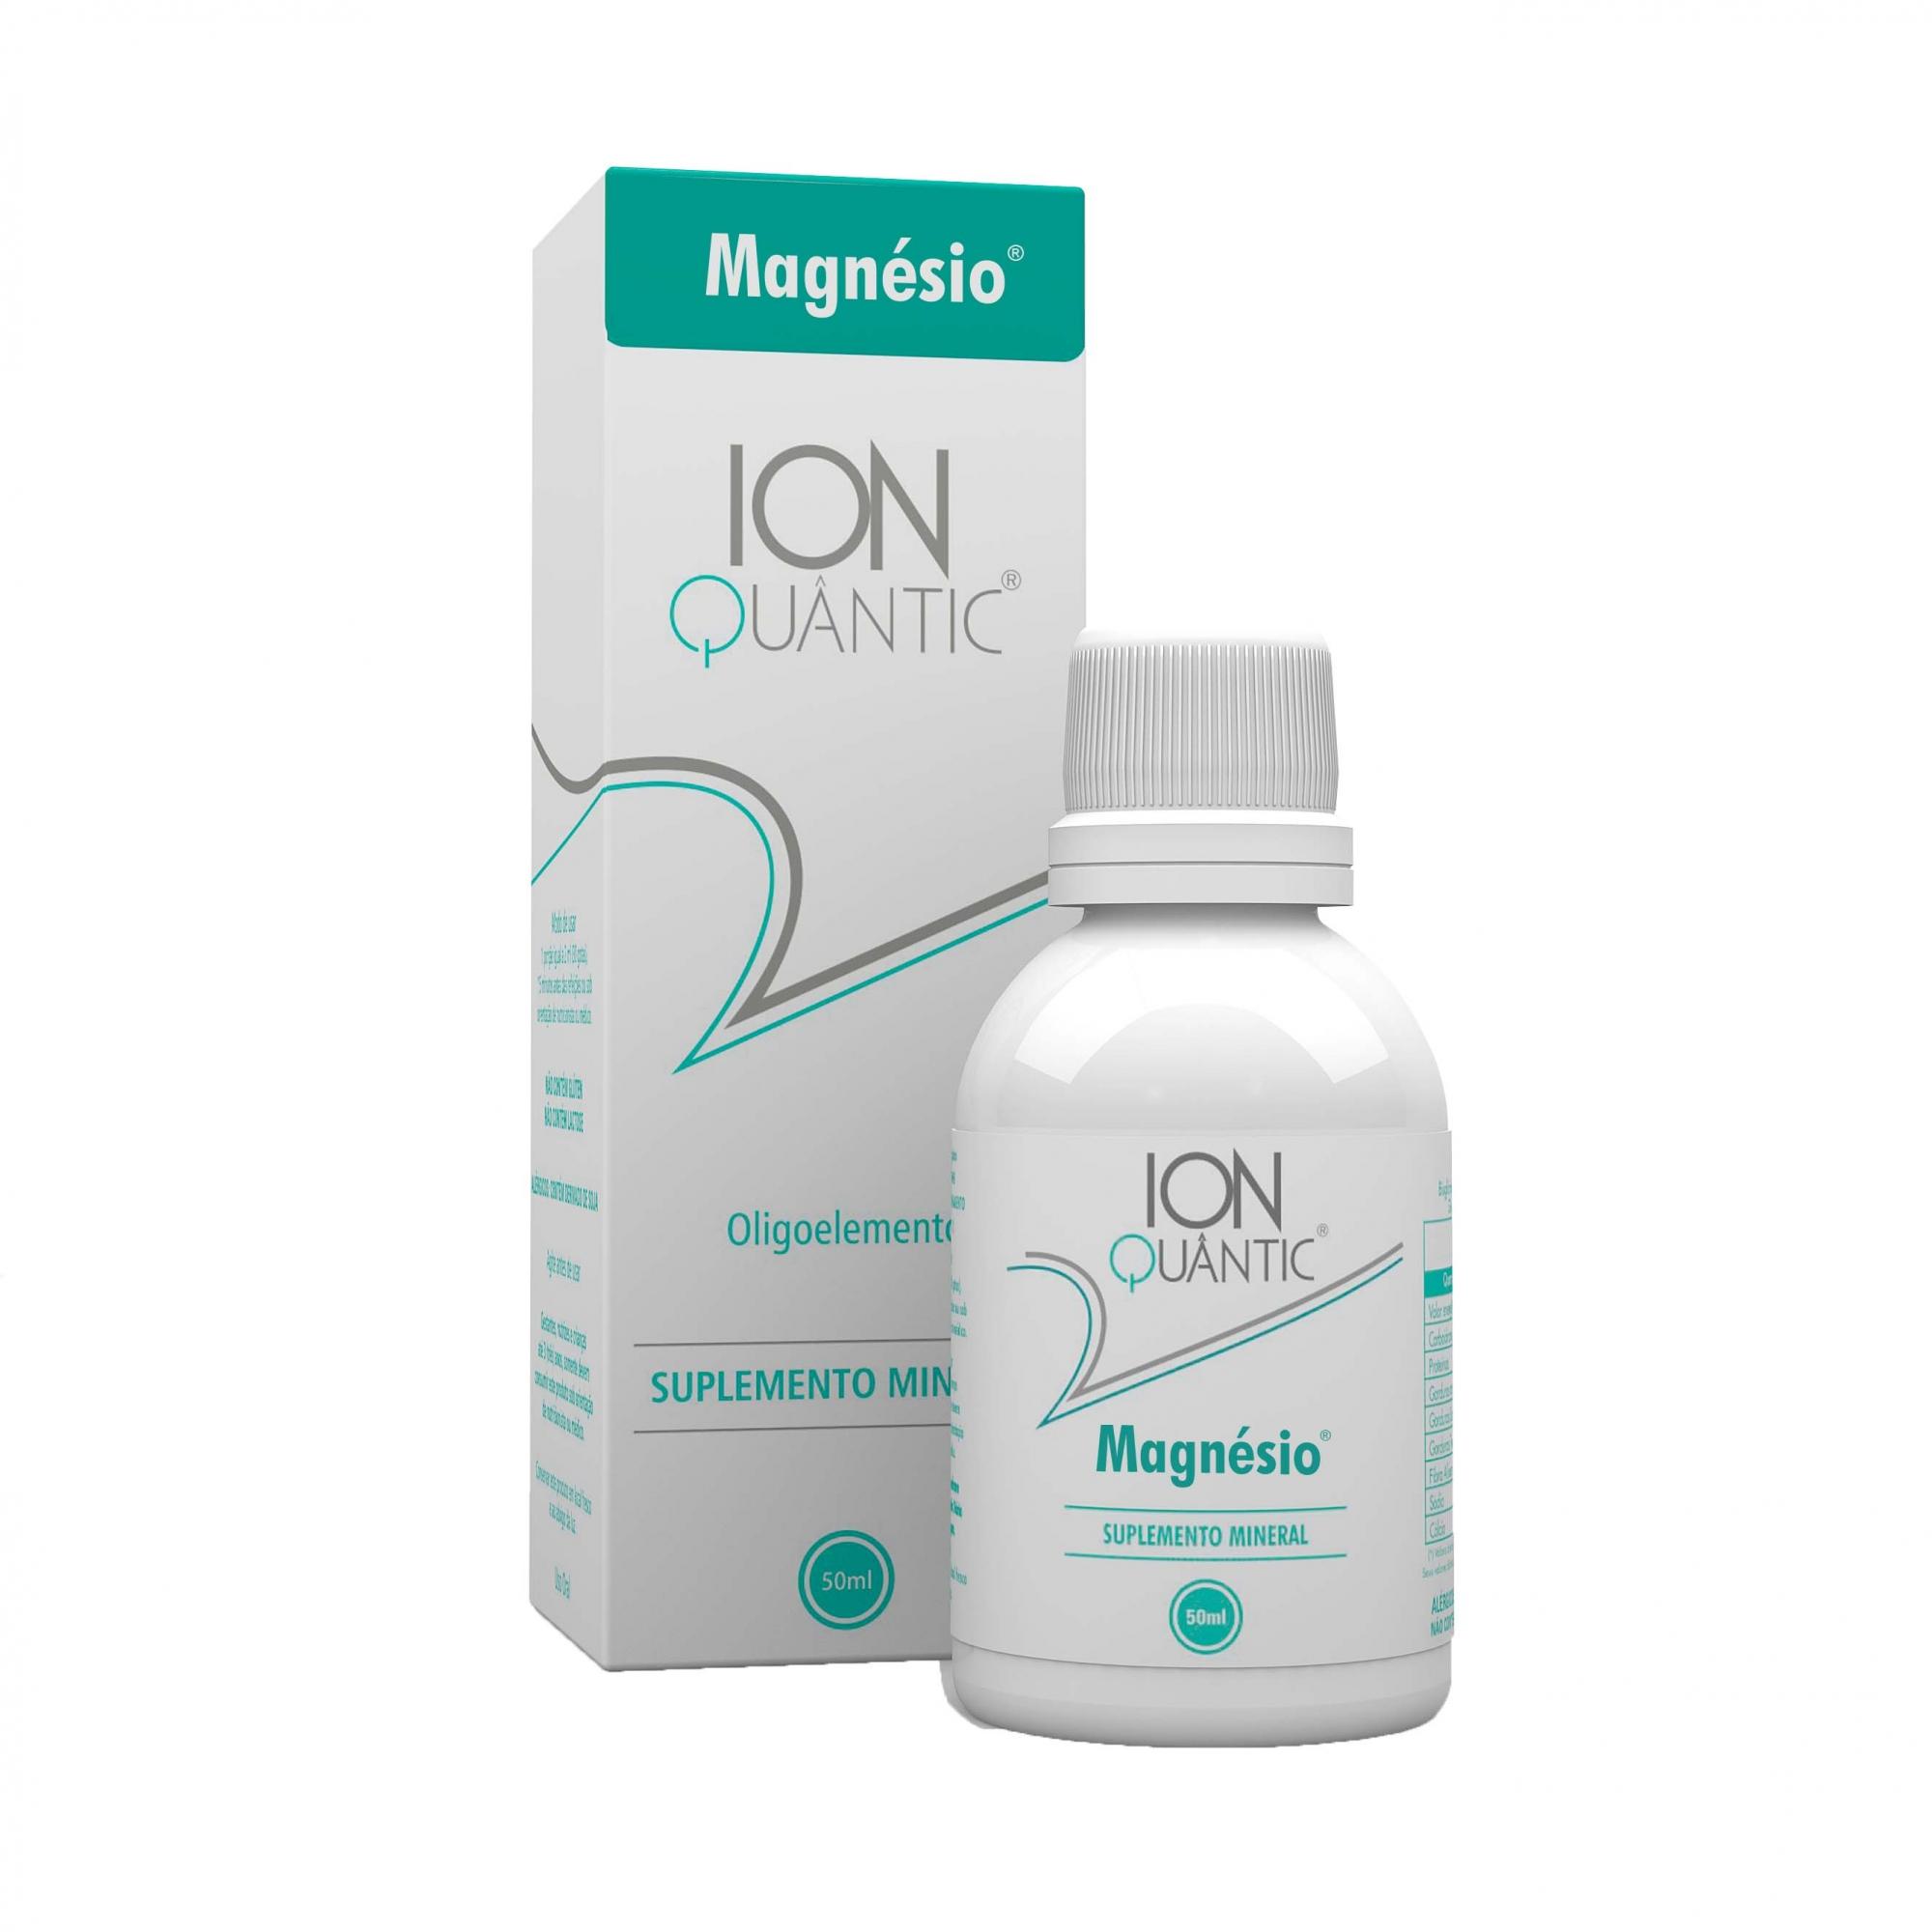 Ionquantic Magnésio 50ml Fisioquantic